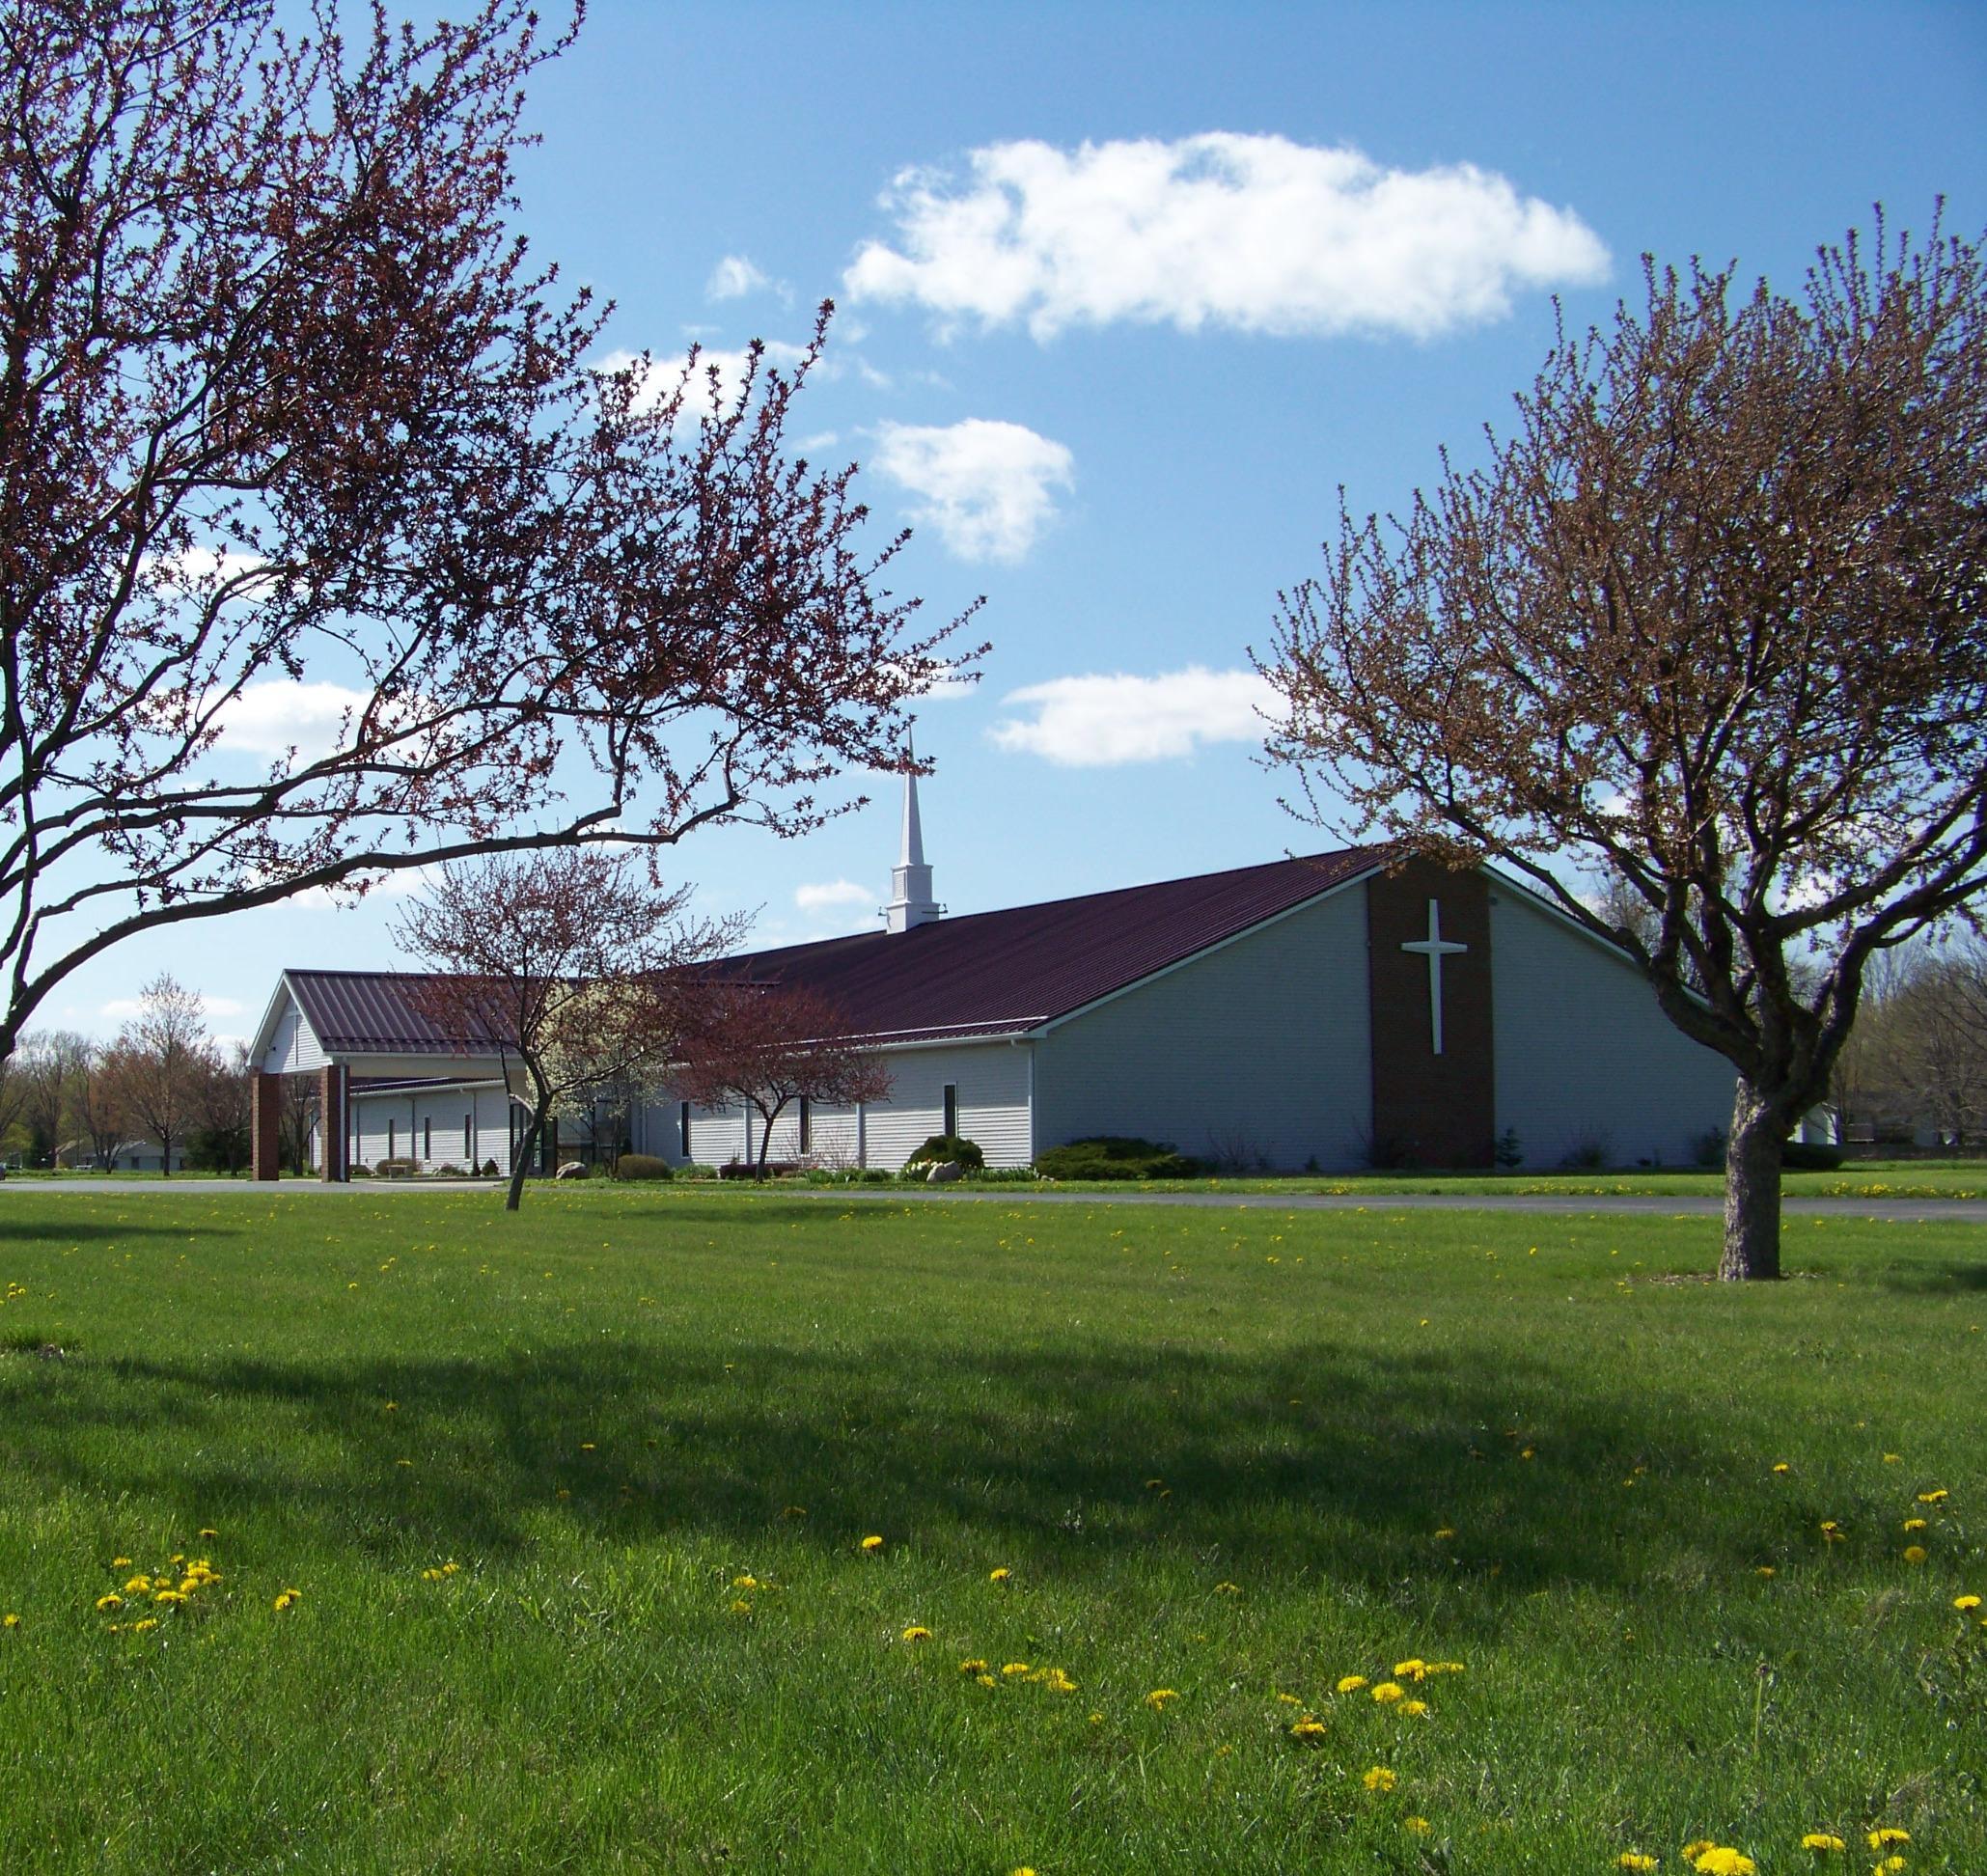 East Park Baptist Church image 0